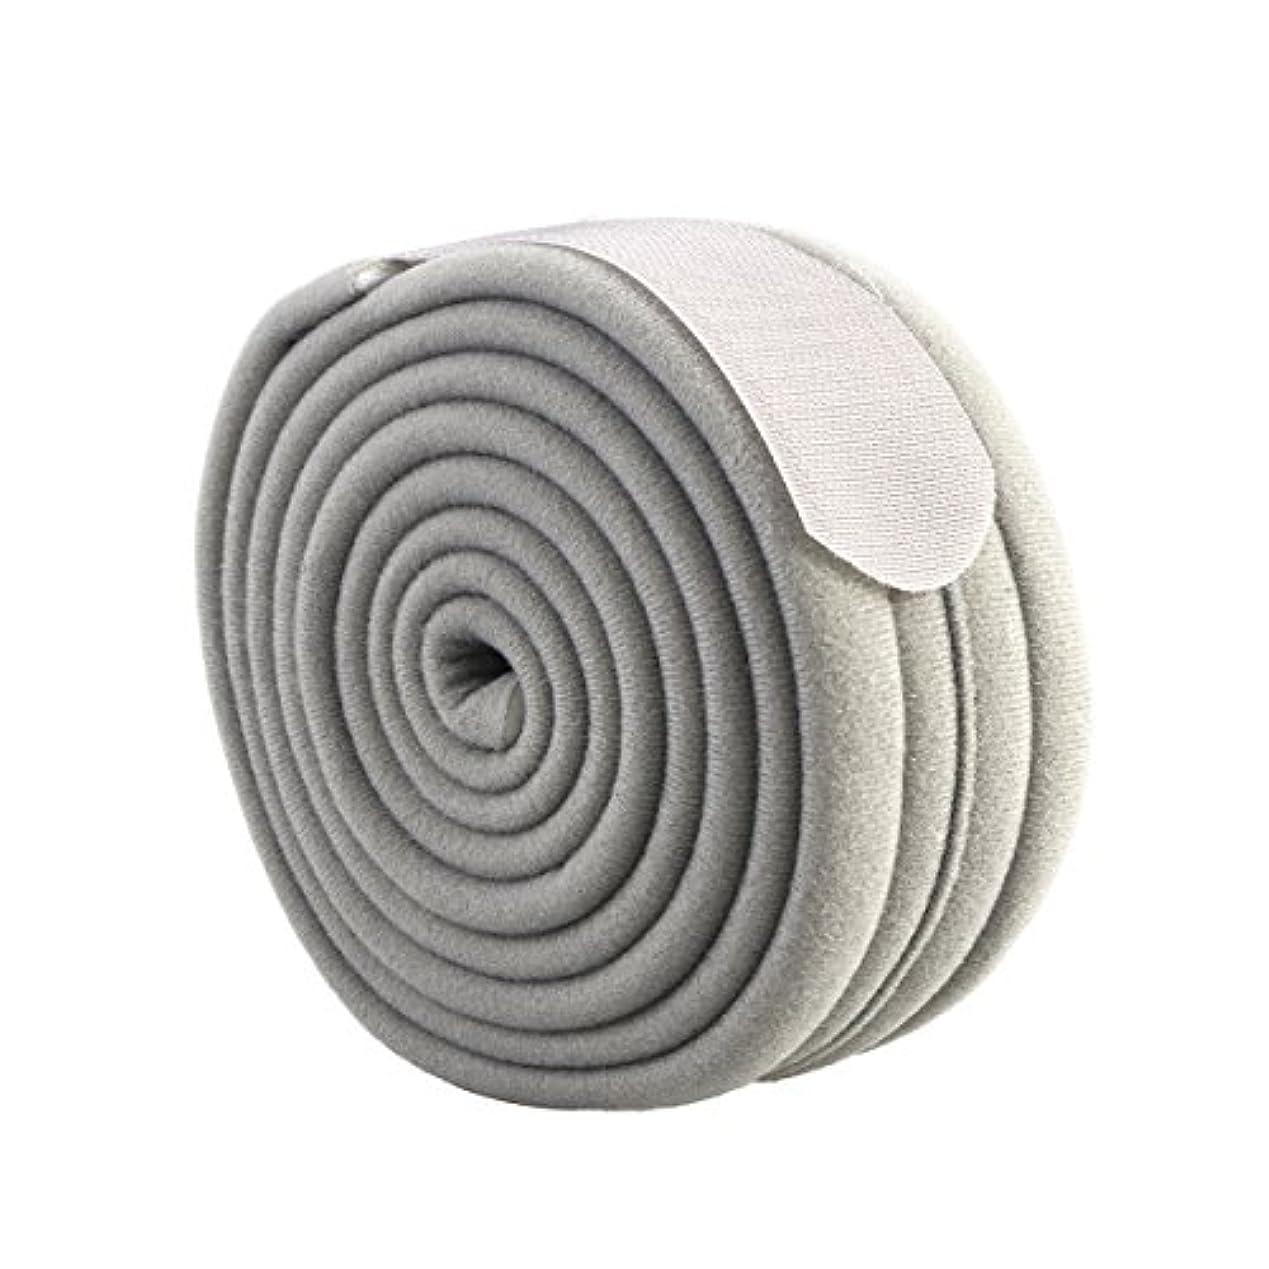 深遠酸度罰するROSENICE アームスリング アームホルダー アームスリング アームのサポート 調節可能 通気性 調節可能 腕の骨折?脱臼時のギプス固定 男性 女性